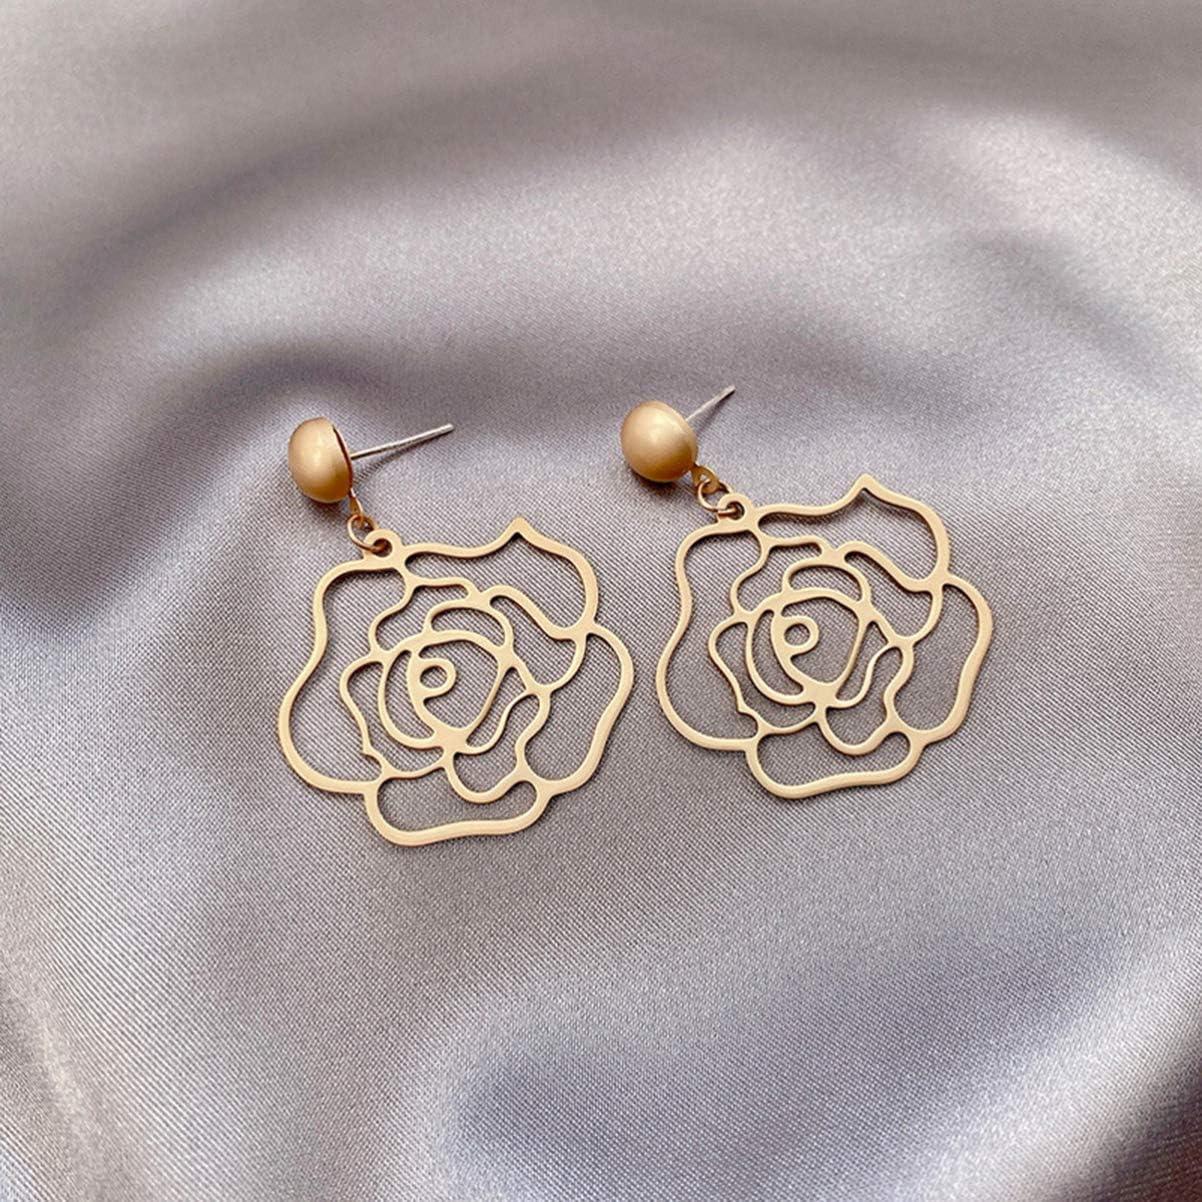 Happyyami 1 Paire Femmes /Évider Rose Boucles Doreilles Belle D/écoration /Él/égante Bijoux Goutte Doreille Rose Boucles Doreilles Accessoire de Tissu pour Femme Fille Dame